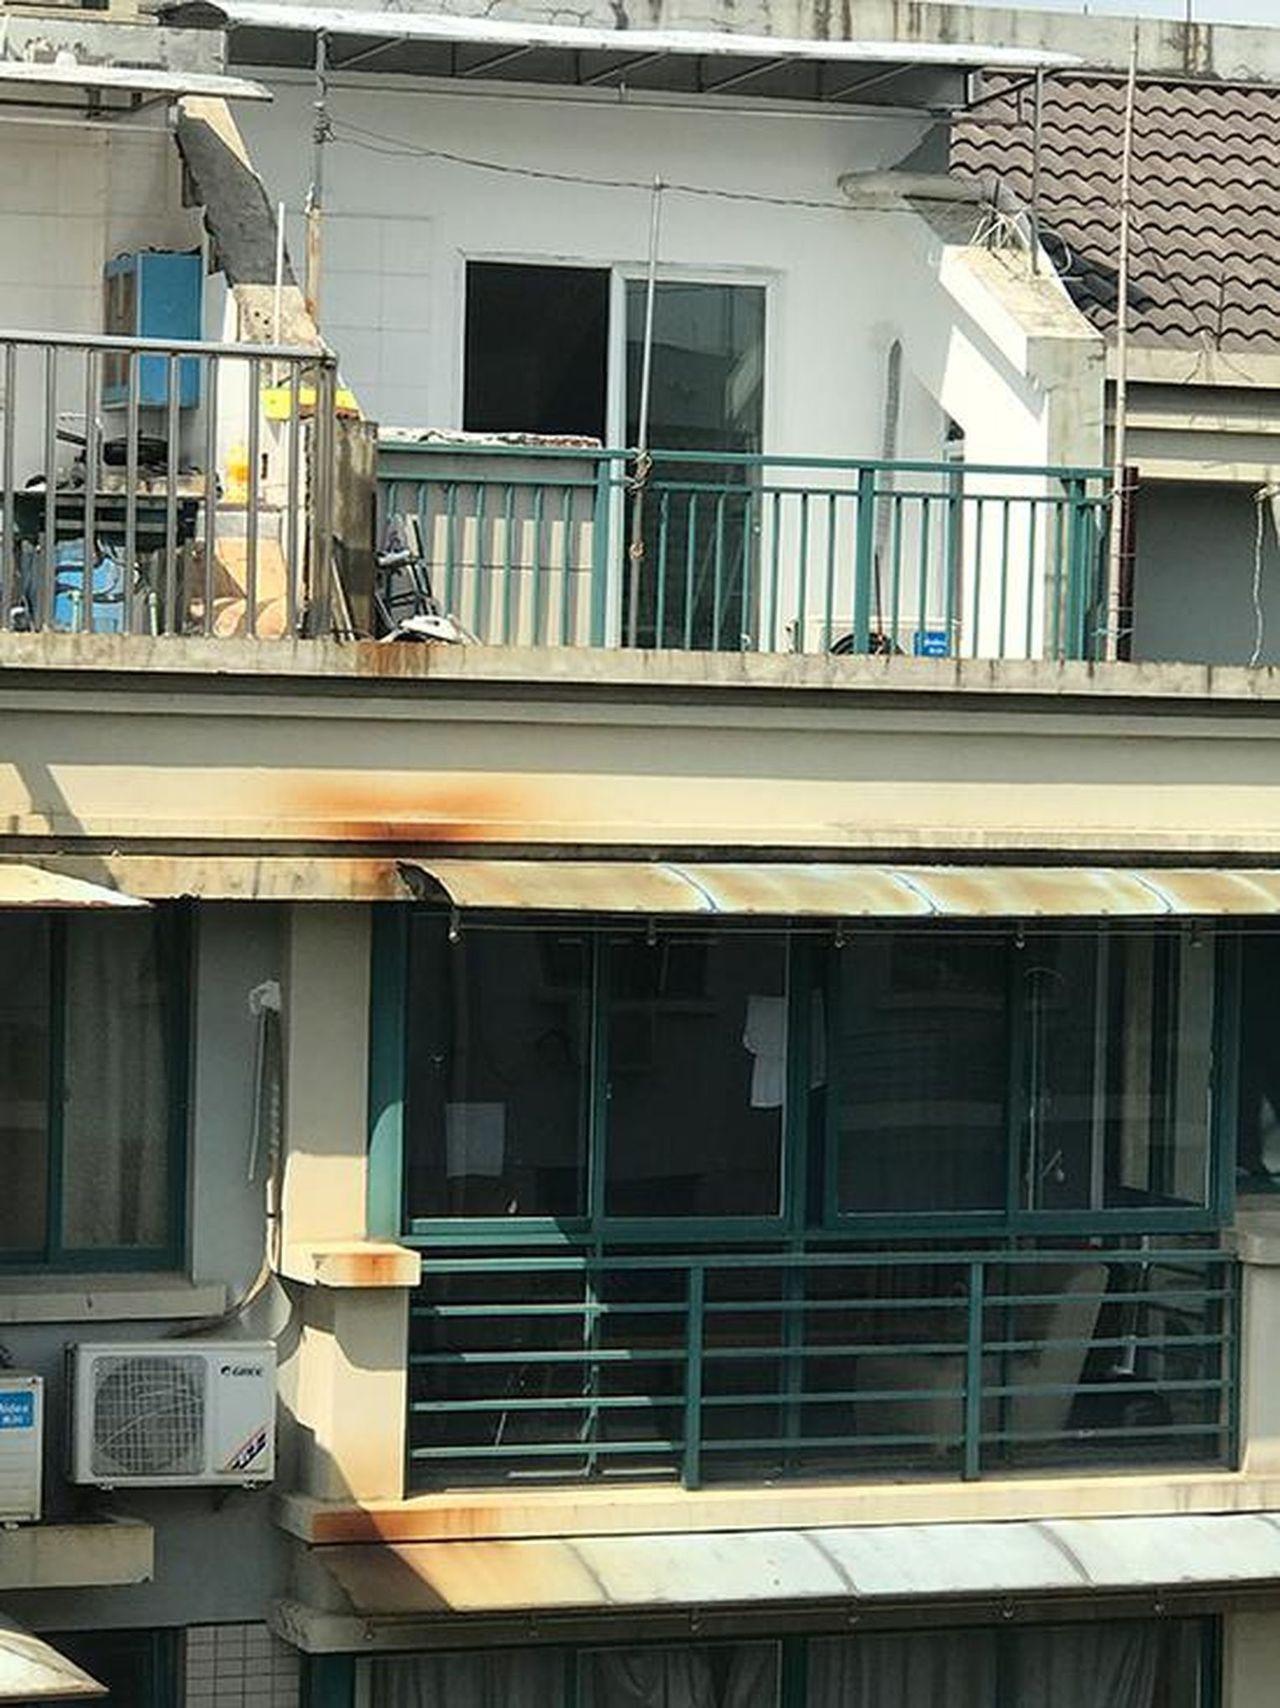 有網友爆料指阿里巴巴一名員工租住自如甲醛房,卻因急性白血病而亡,從1月時體檢報告...